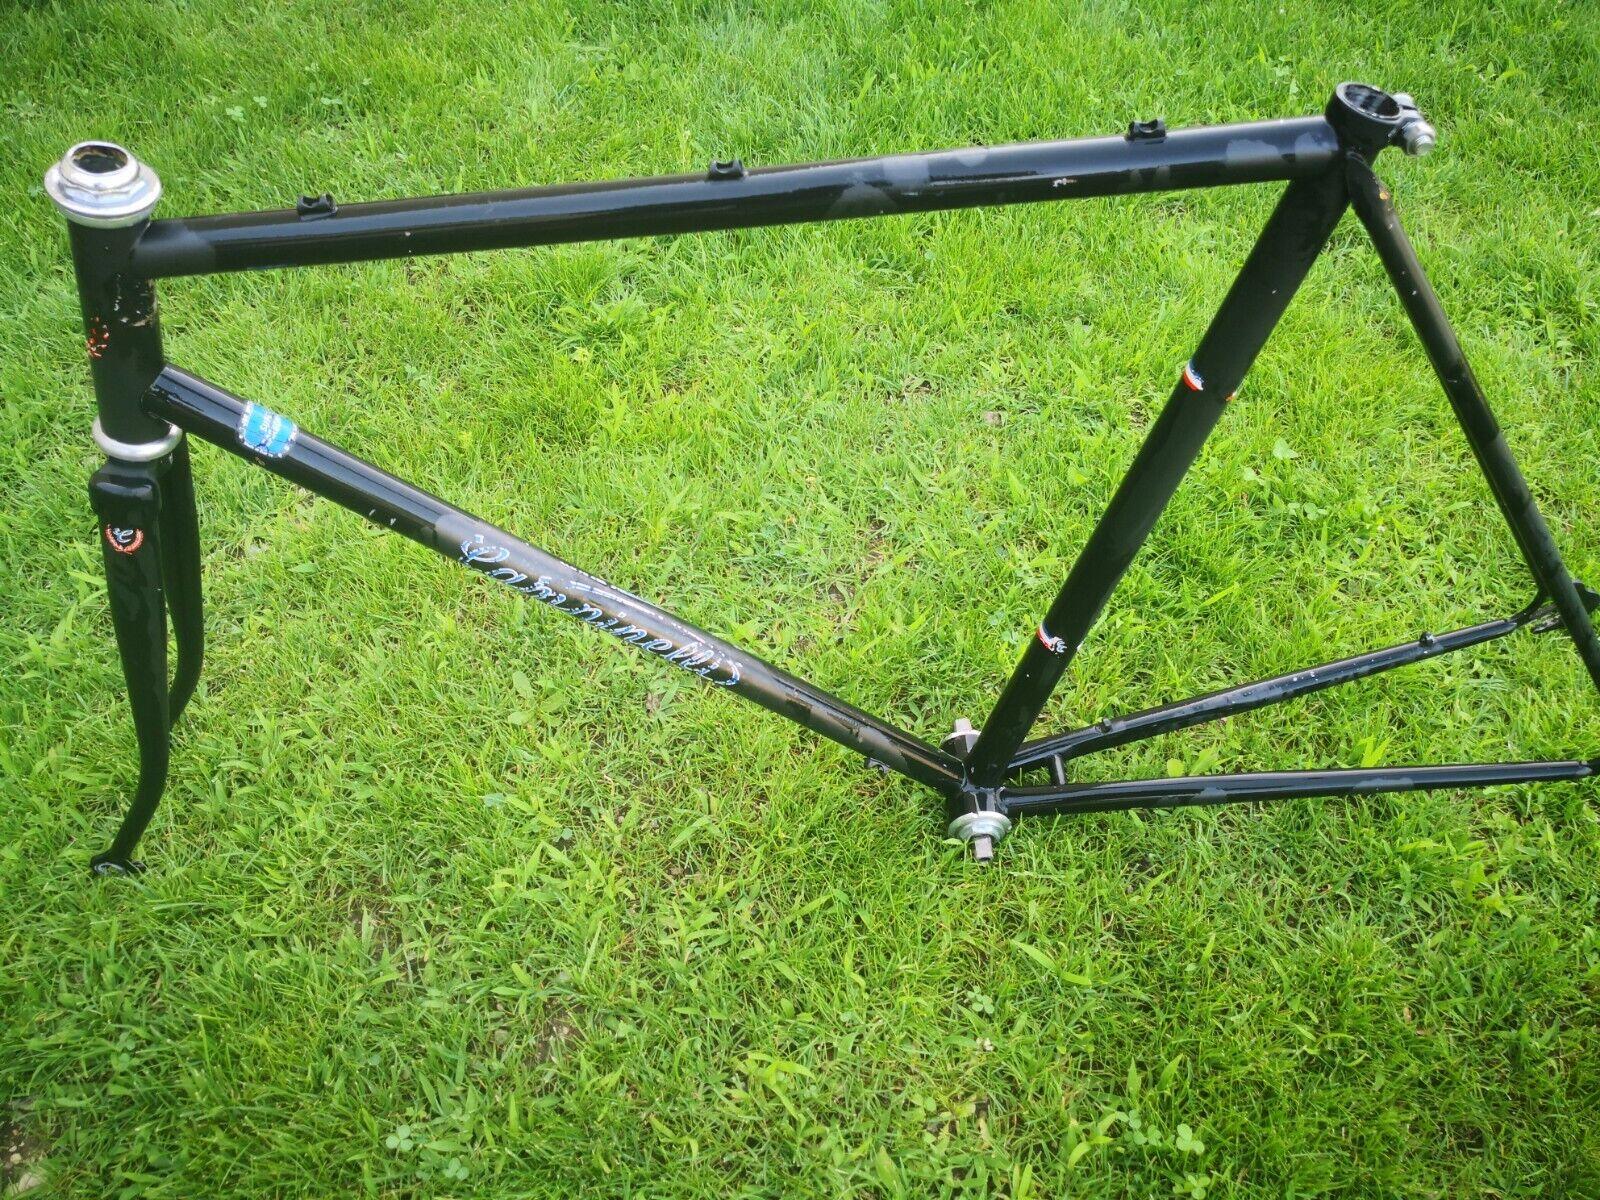 Cadre CAMPINELLI Course  Old frame bike Velo ancien  vintage 55cm